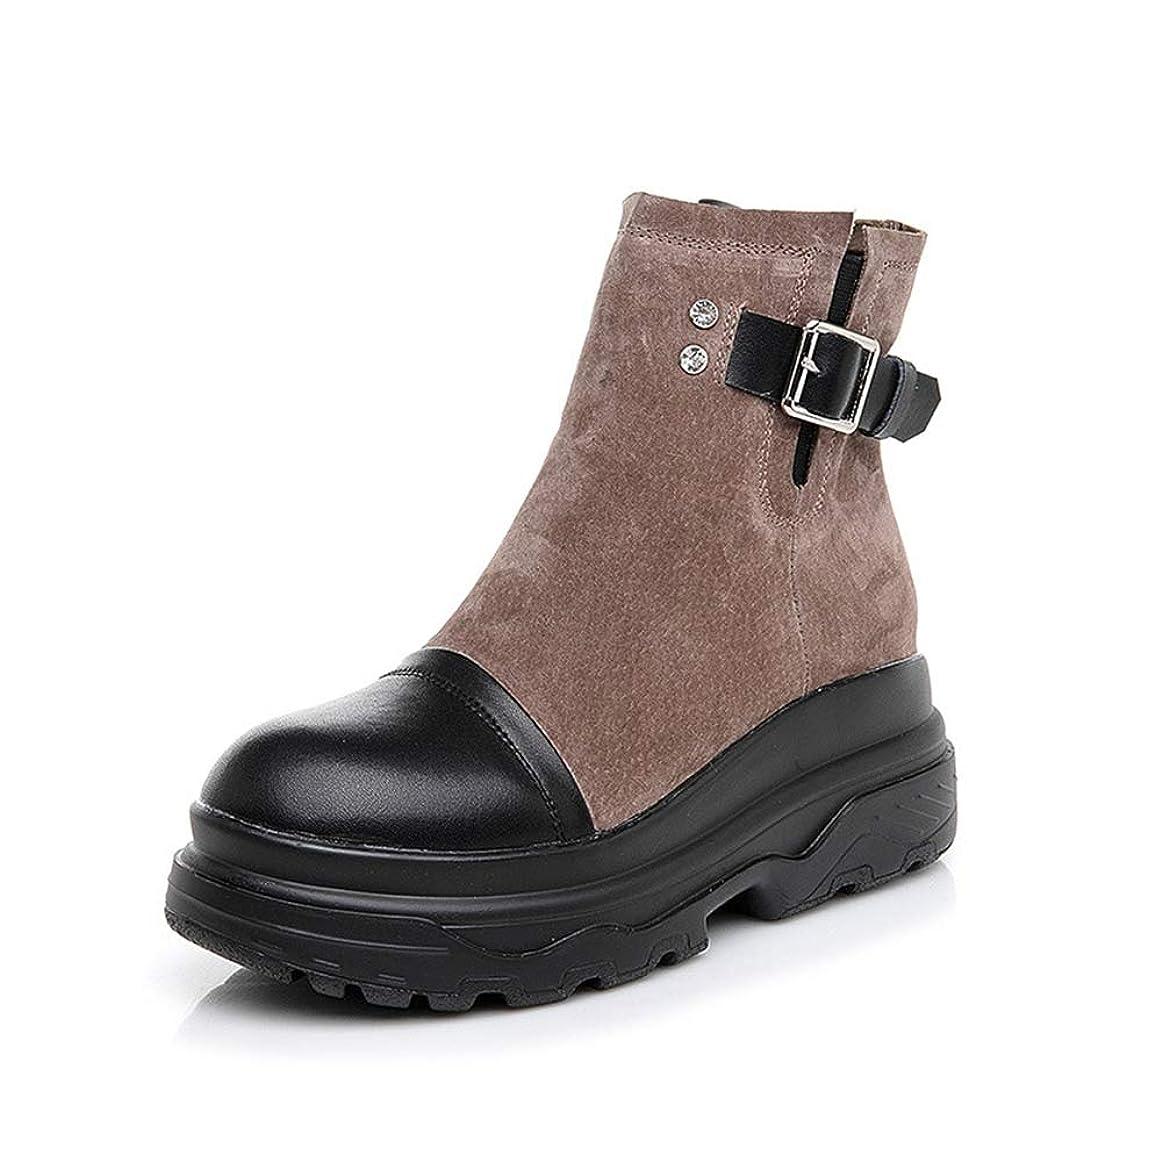 スノーケル動脈正確な[モリケイ] ブーツ ショートブーツ インヒール レディース ボア付き サイドジップ 厚底 レザー スエード ショートブーツ ブーツ 小さいサイズ 2018